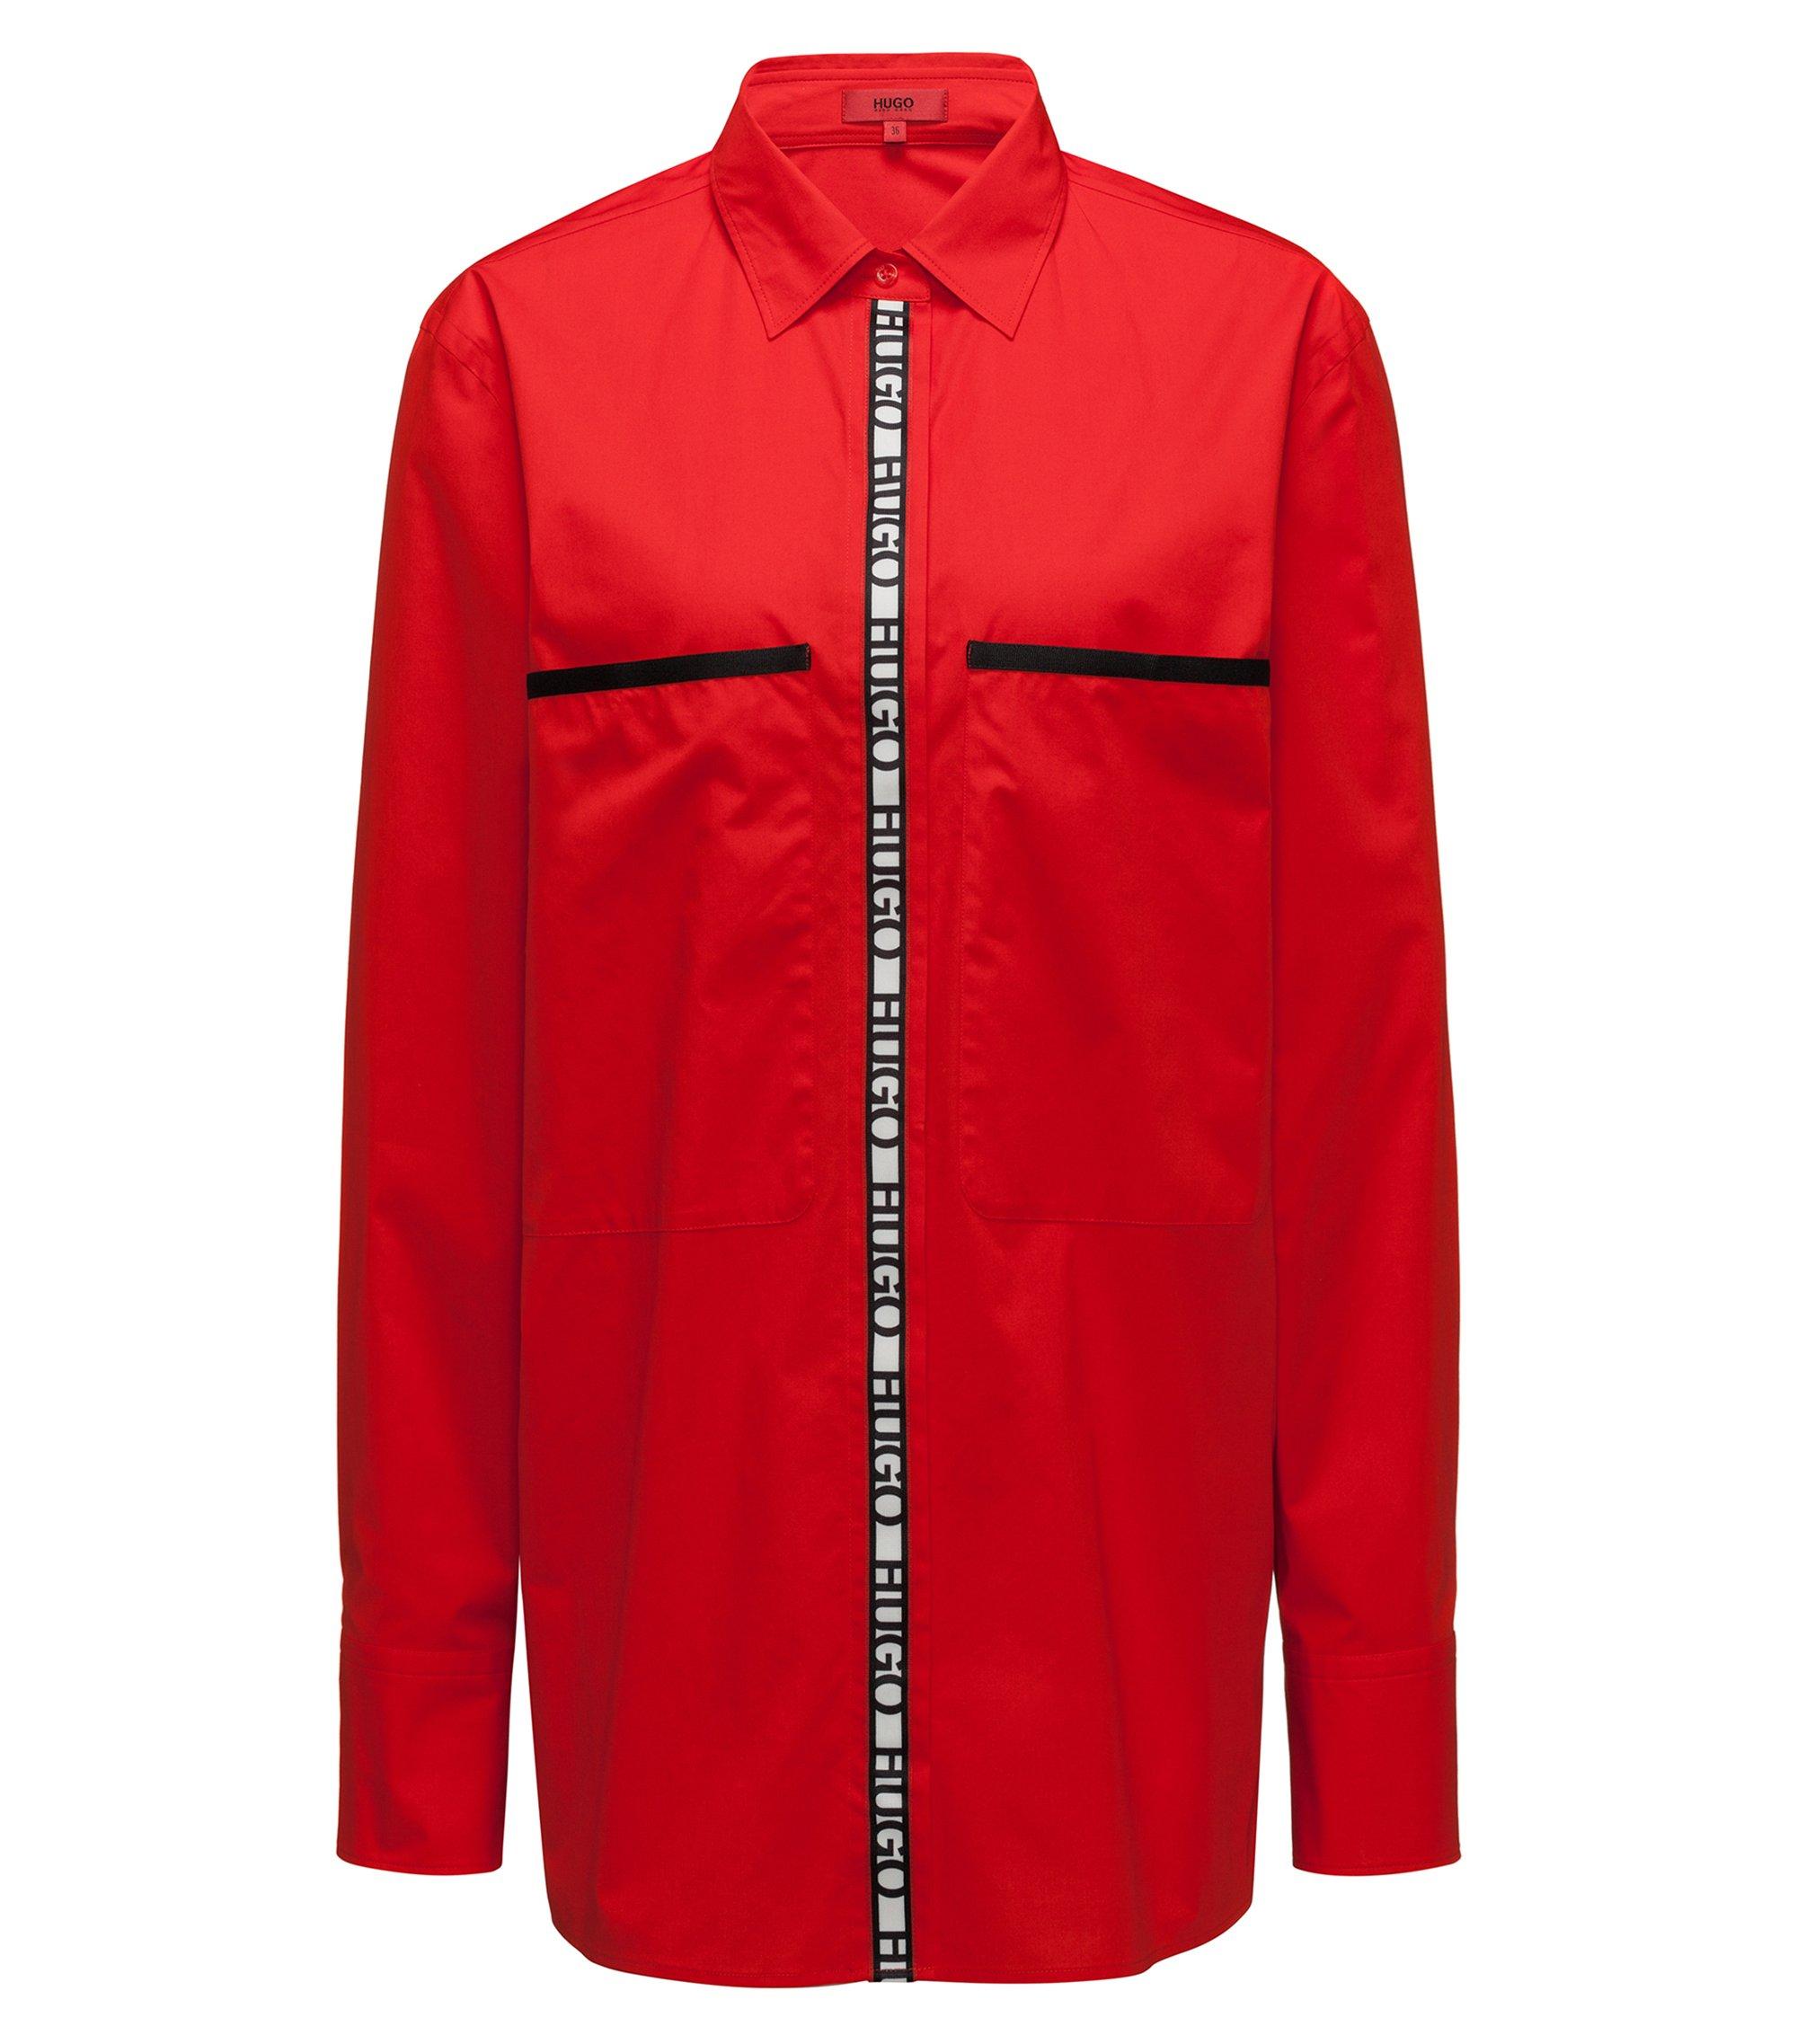 Camicetta oversize in cotone elasticizzato con nastro con logo, Rosso